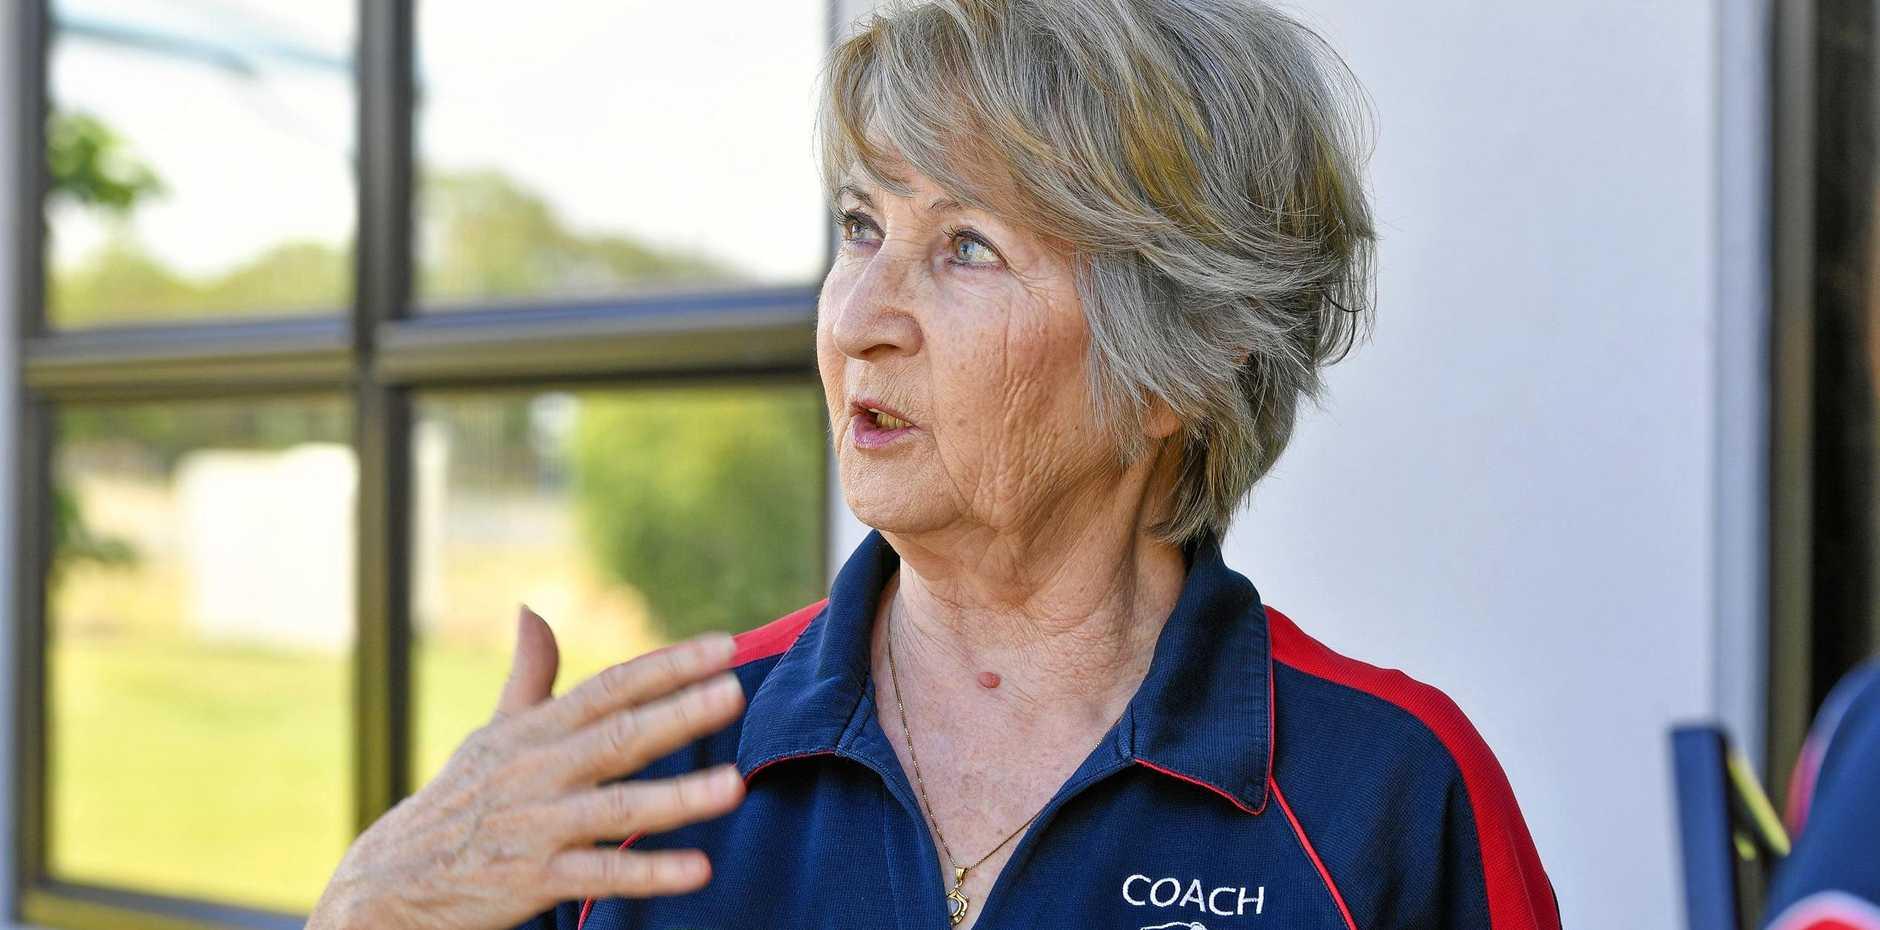 Anna Turetschek head coach at Gladstone Gymnastics.